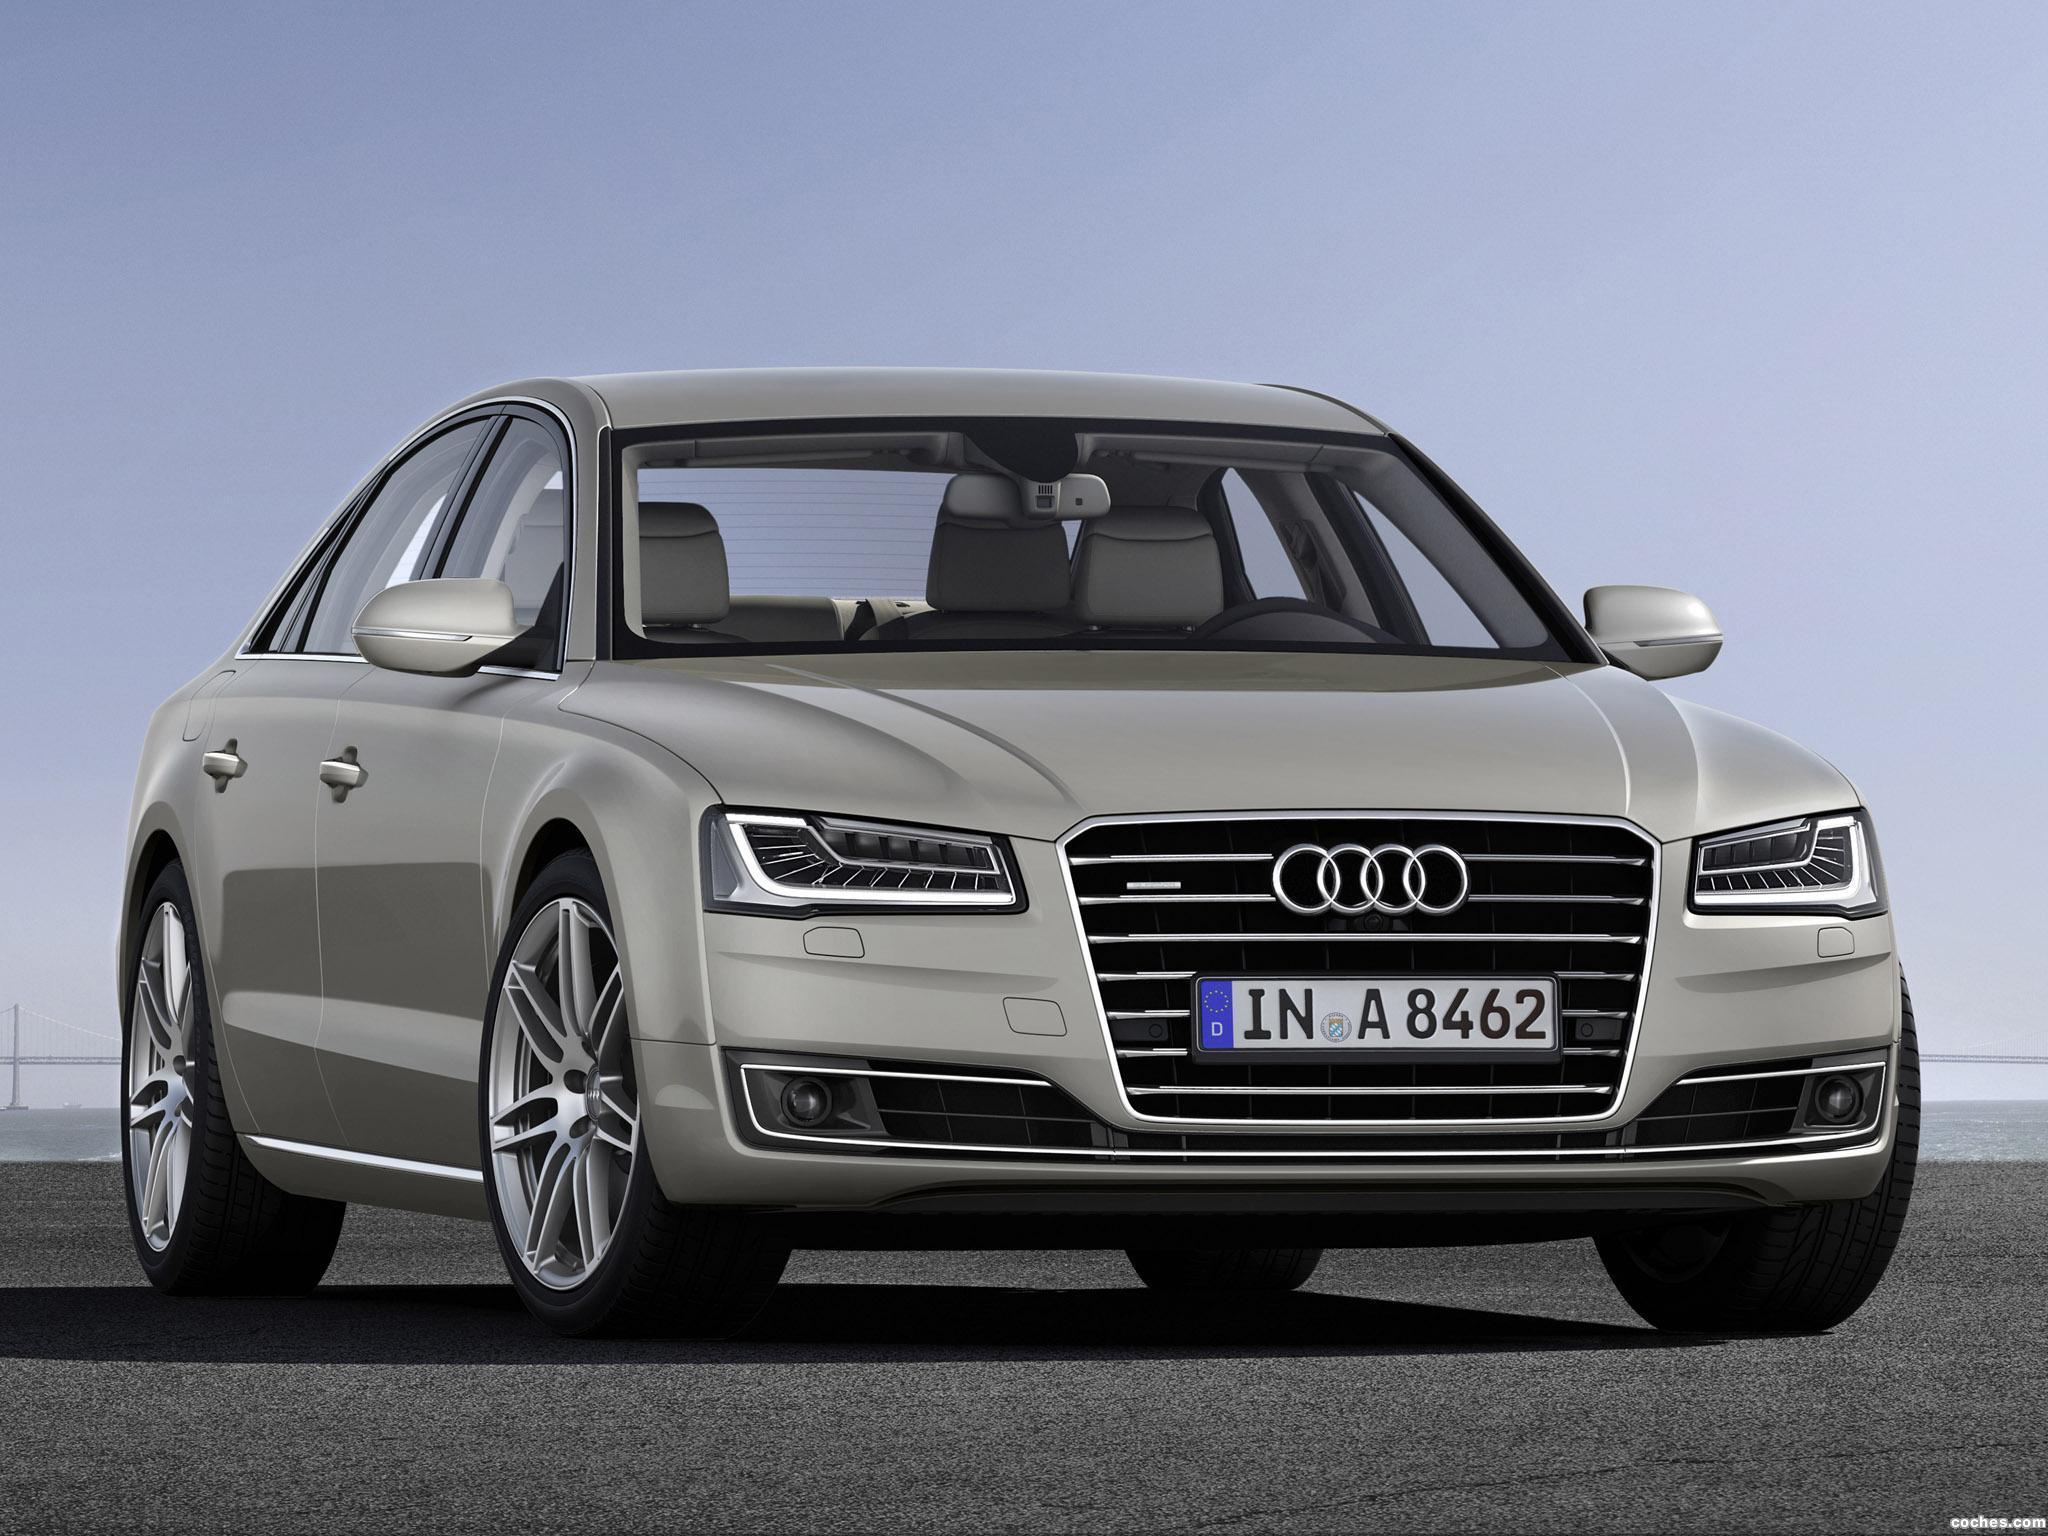 Foto 0 de Audi A8 TDI Quattro D4 2013